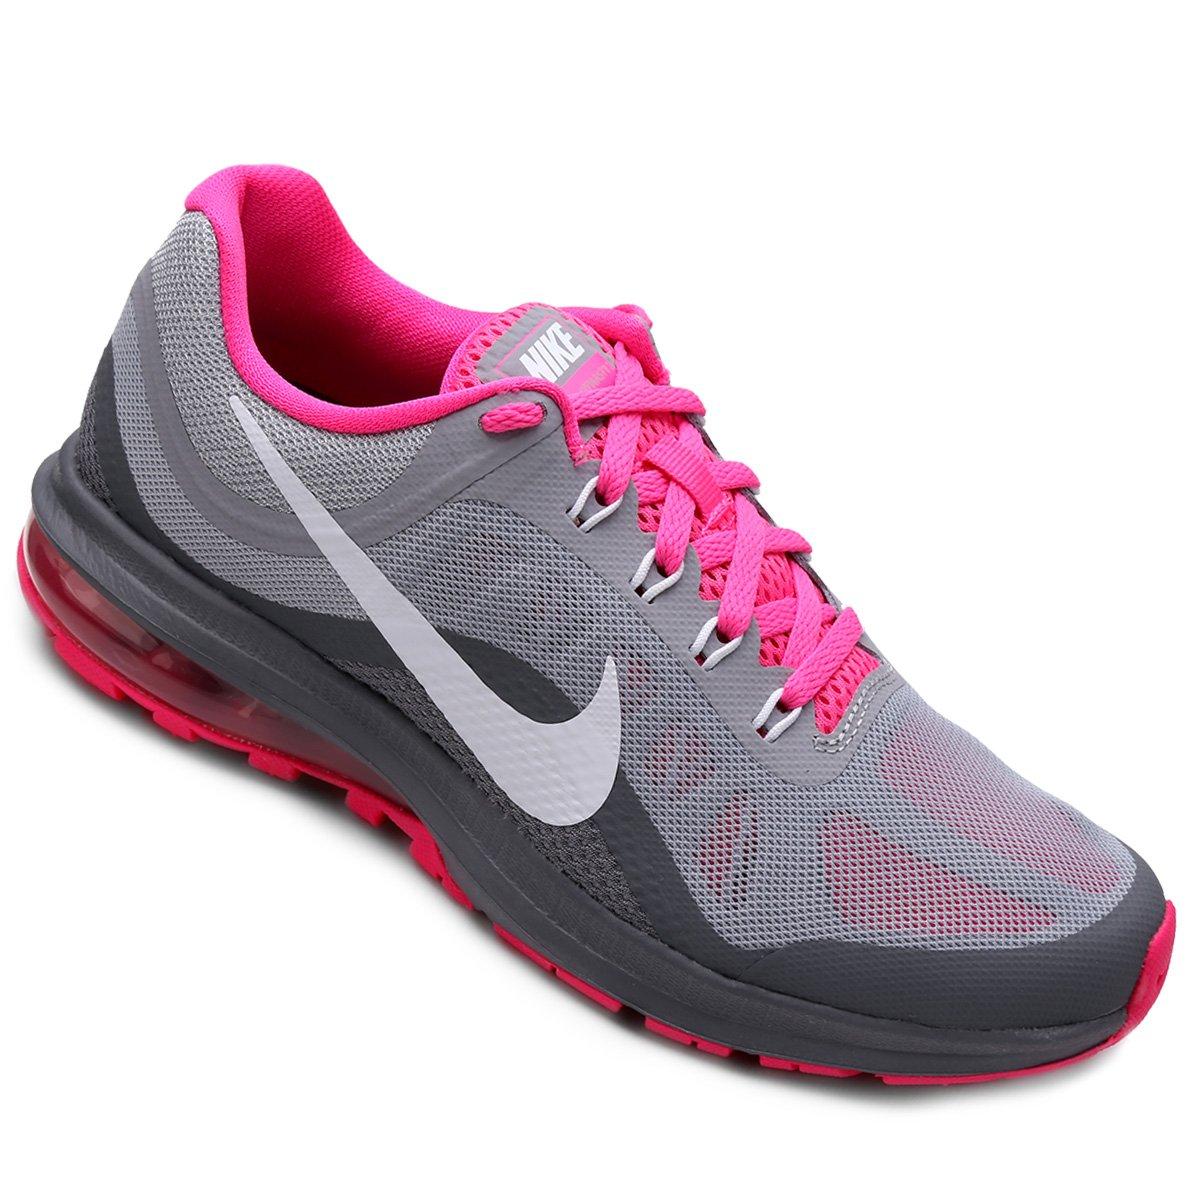 d59b7d6dc01 Tênis Nike Air Max Dynasty 2 Feminino - Grafite e Pink - Compre Agora